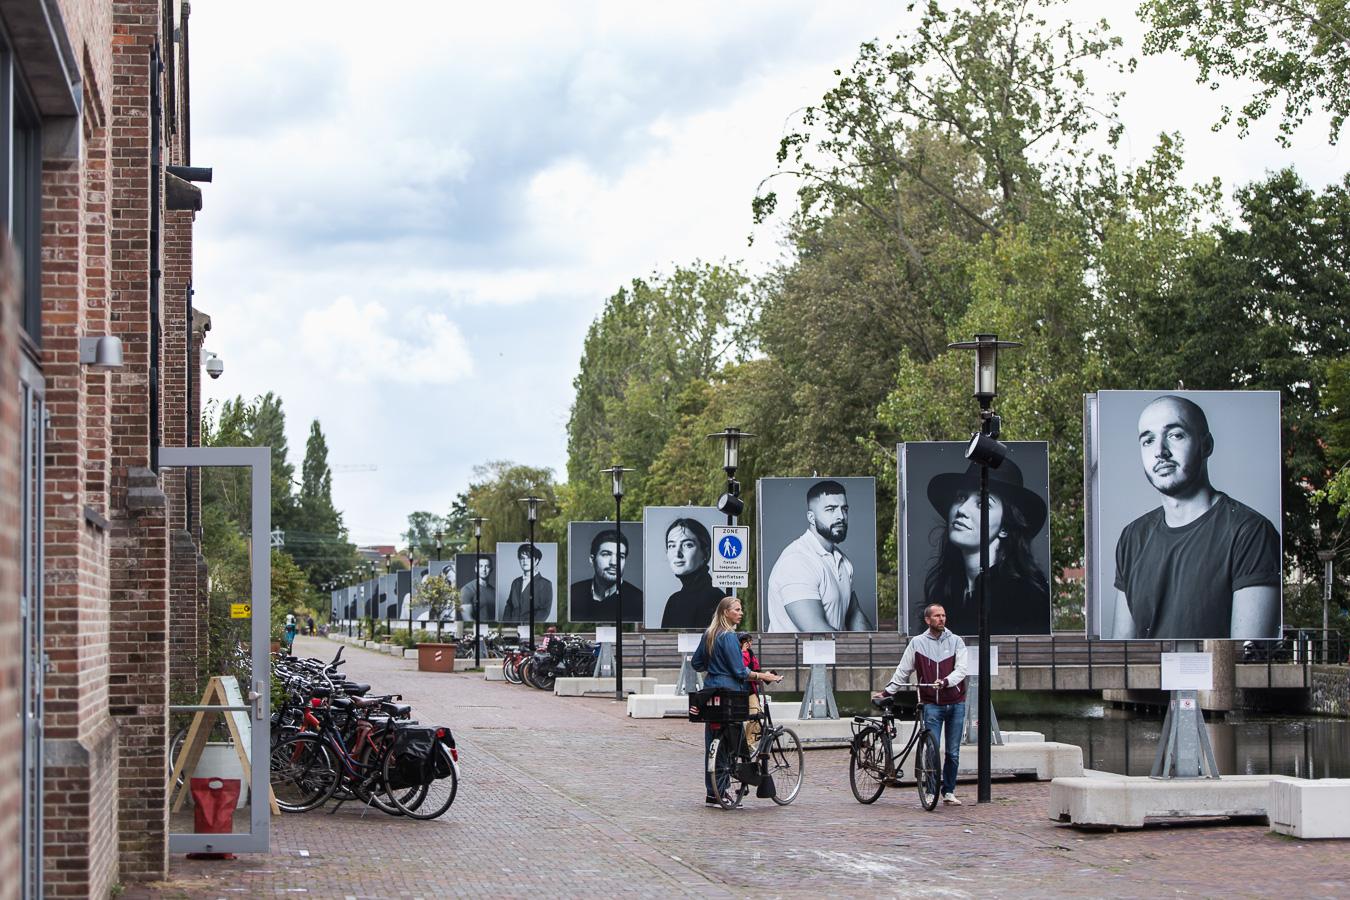 Tijdelijk monument van Bosnian Girl © Maarten Nauw